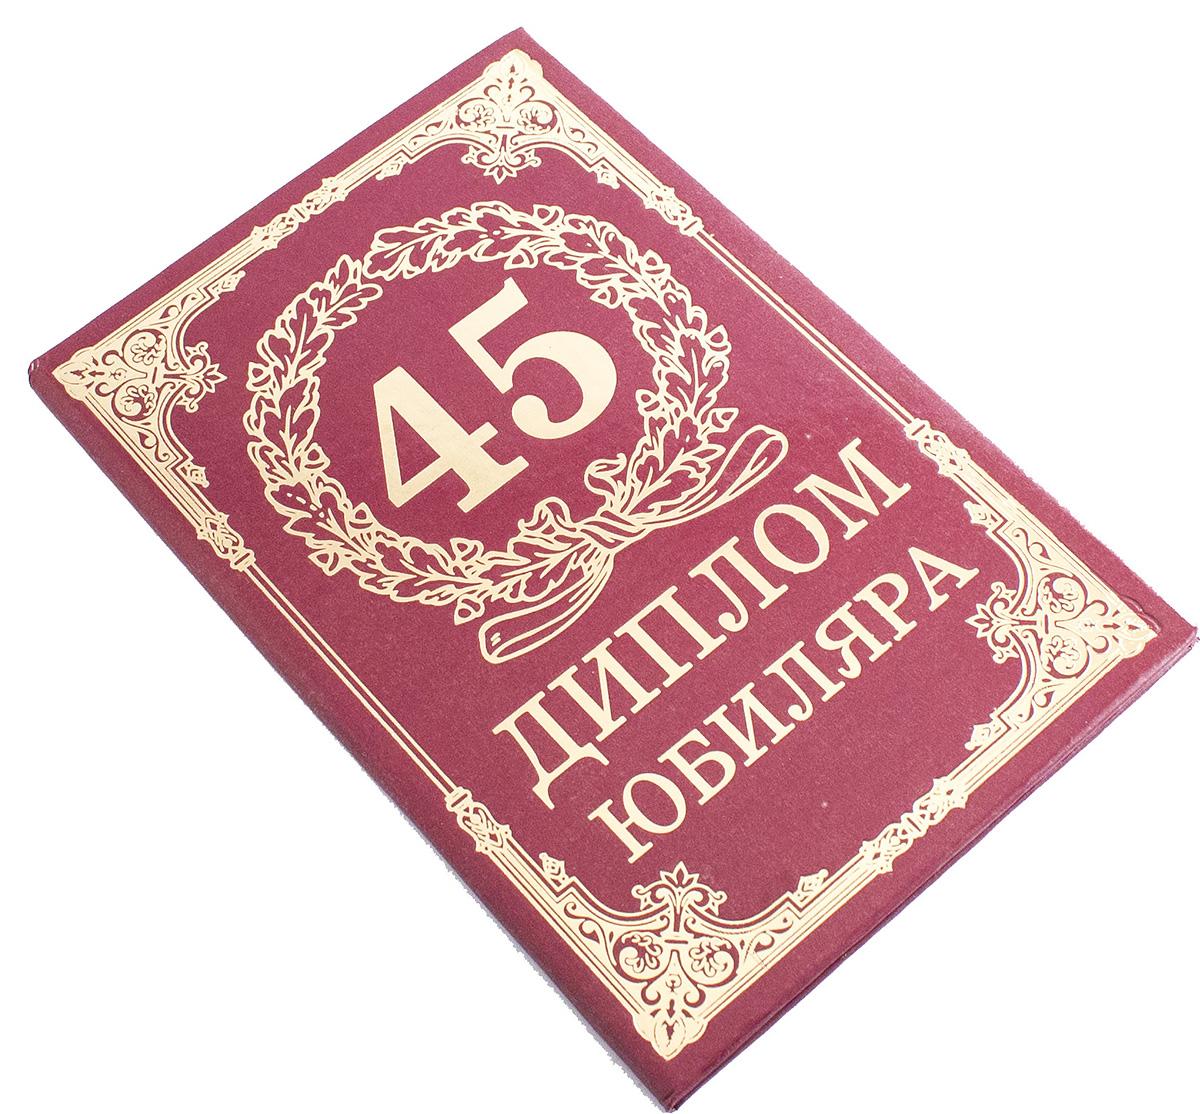 Диплом сувенирный Эврика 45 лет, A6, цвет: красный. 93750 мастер диплом юбиляра 35 лет new